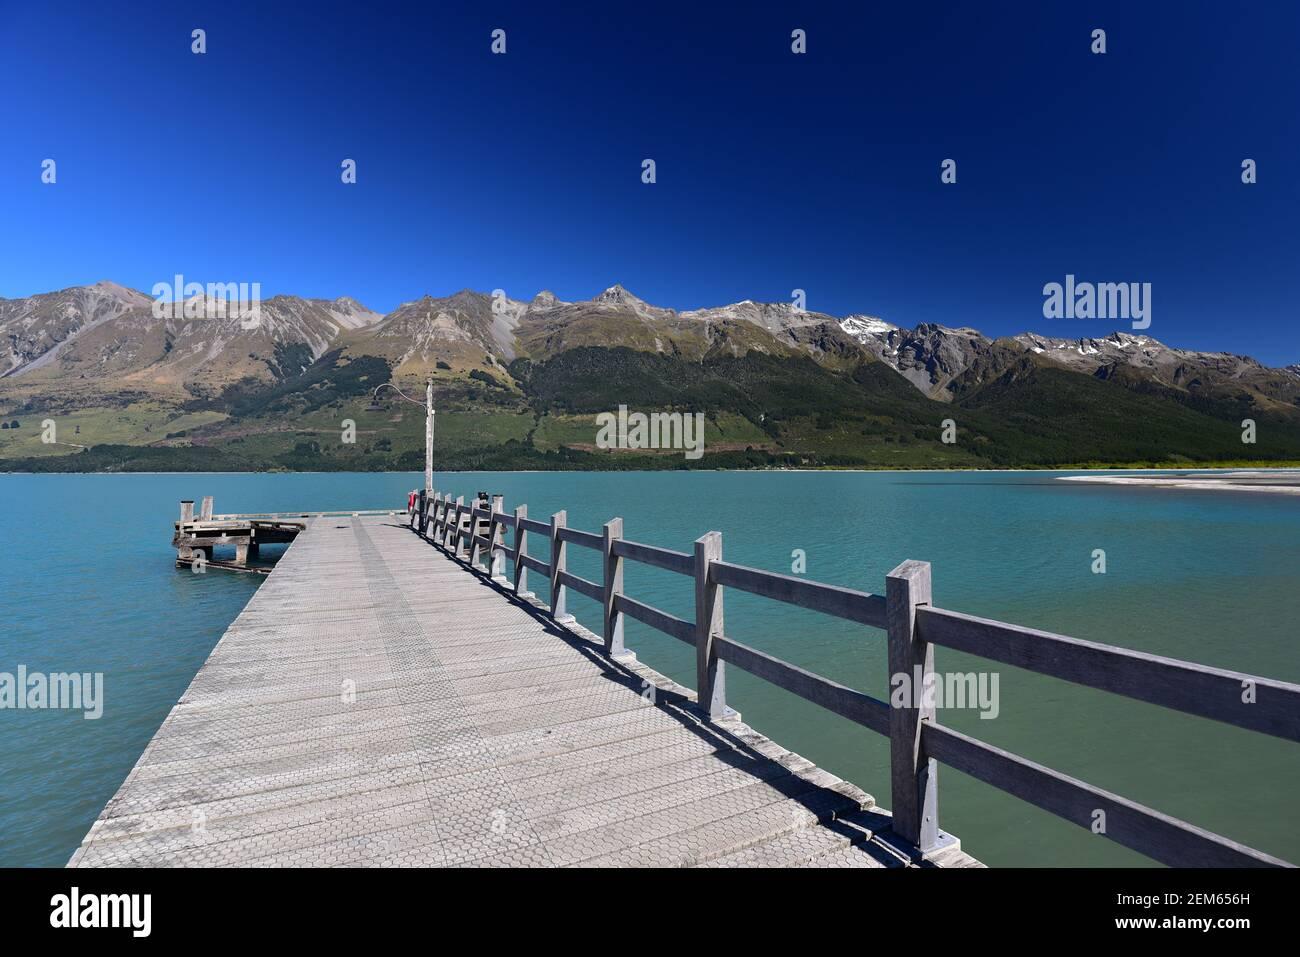 Jetée du lac Wakatipu à Glenorchy près de Queenstown, Nouvelle-Zélande Banque D'Images